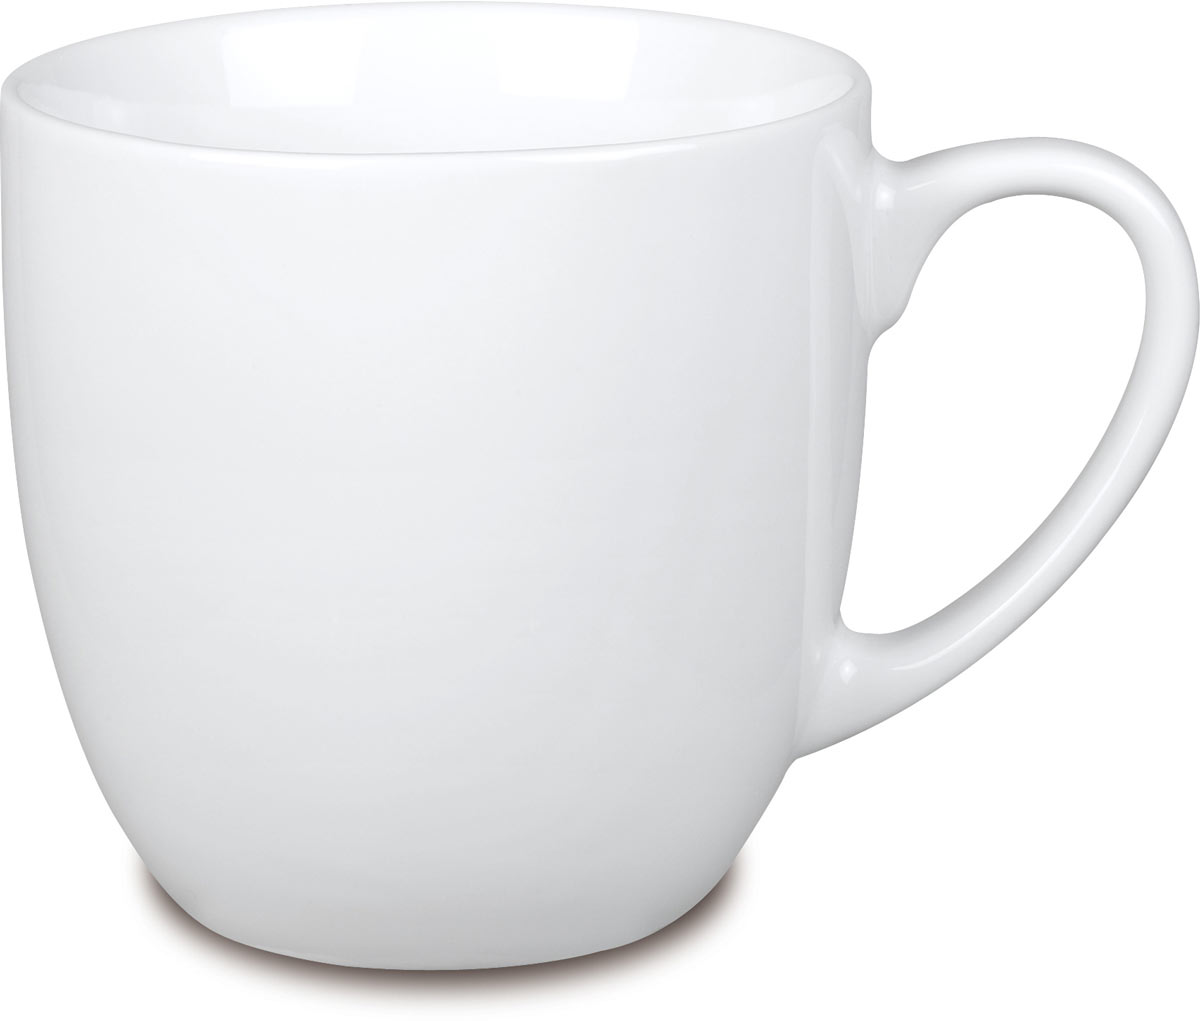 mug publicitaire prix eco mug pas cher mugs publicitaires objets publicitaires objet. Black Bedroom Furniture Sets. Home Design Ideas